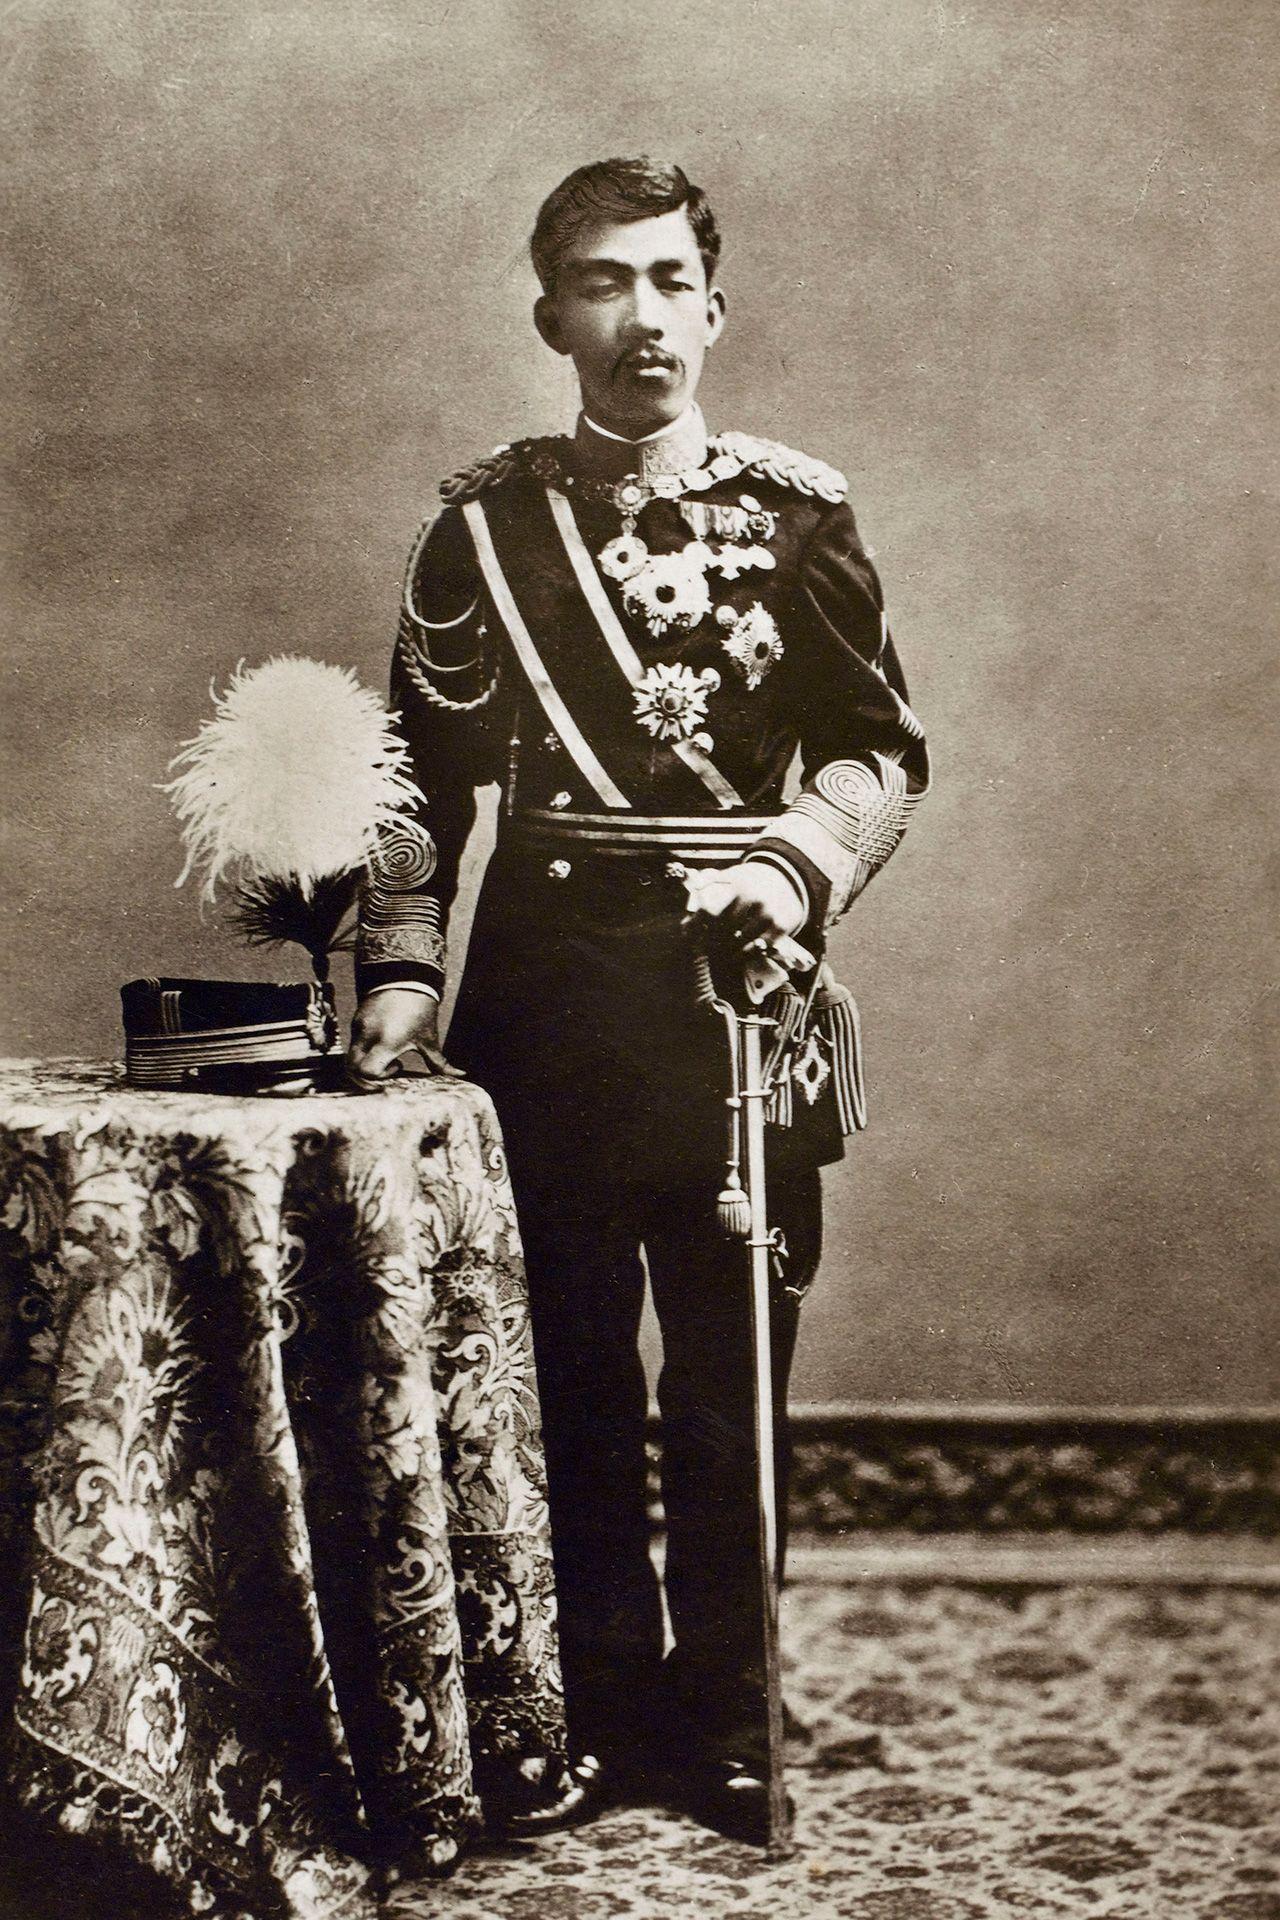 Наследный принц Ёсихито (император Тайсё) около 1908 г. (© Библиотека изображений Мэри Эванс / Aflo)